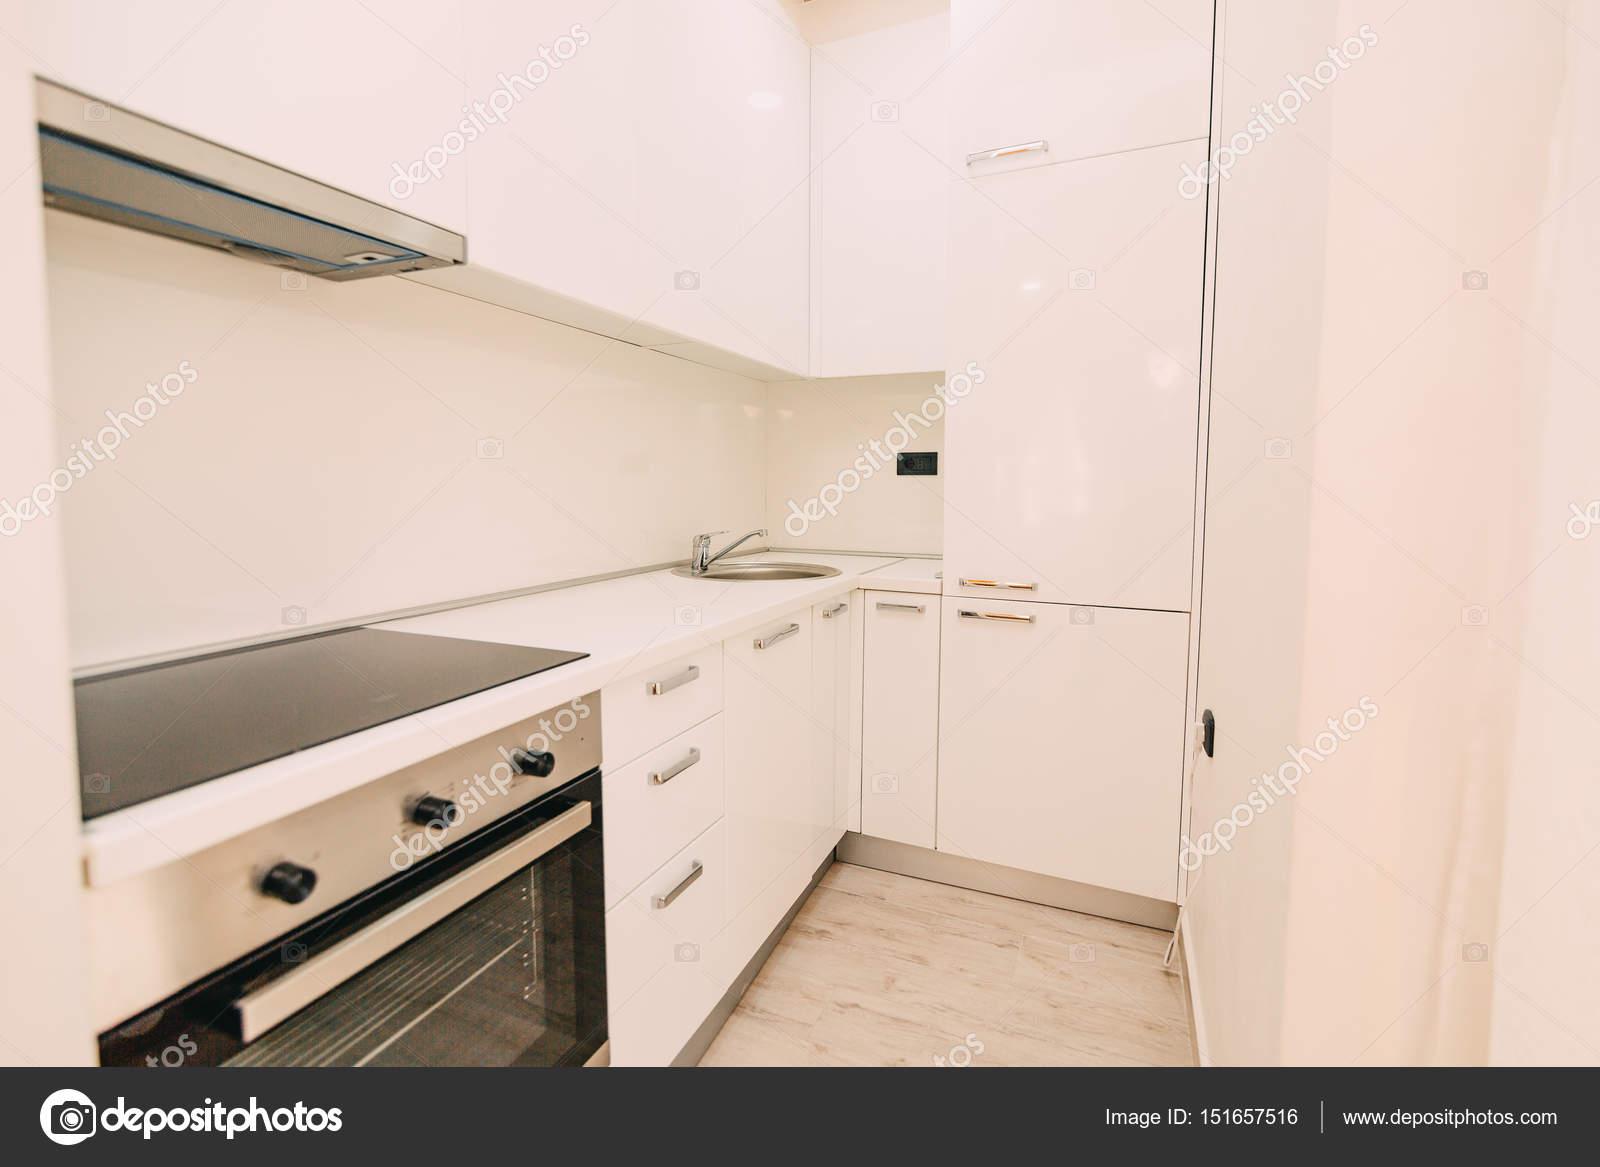 Die Küche in der Wohnung. Das Design der Küche Platz. Wo — Stockfoto ...